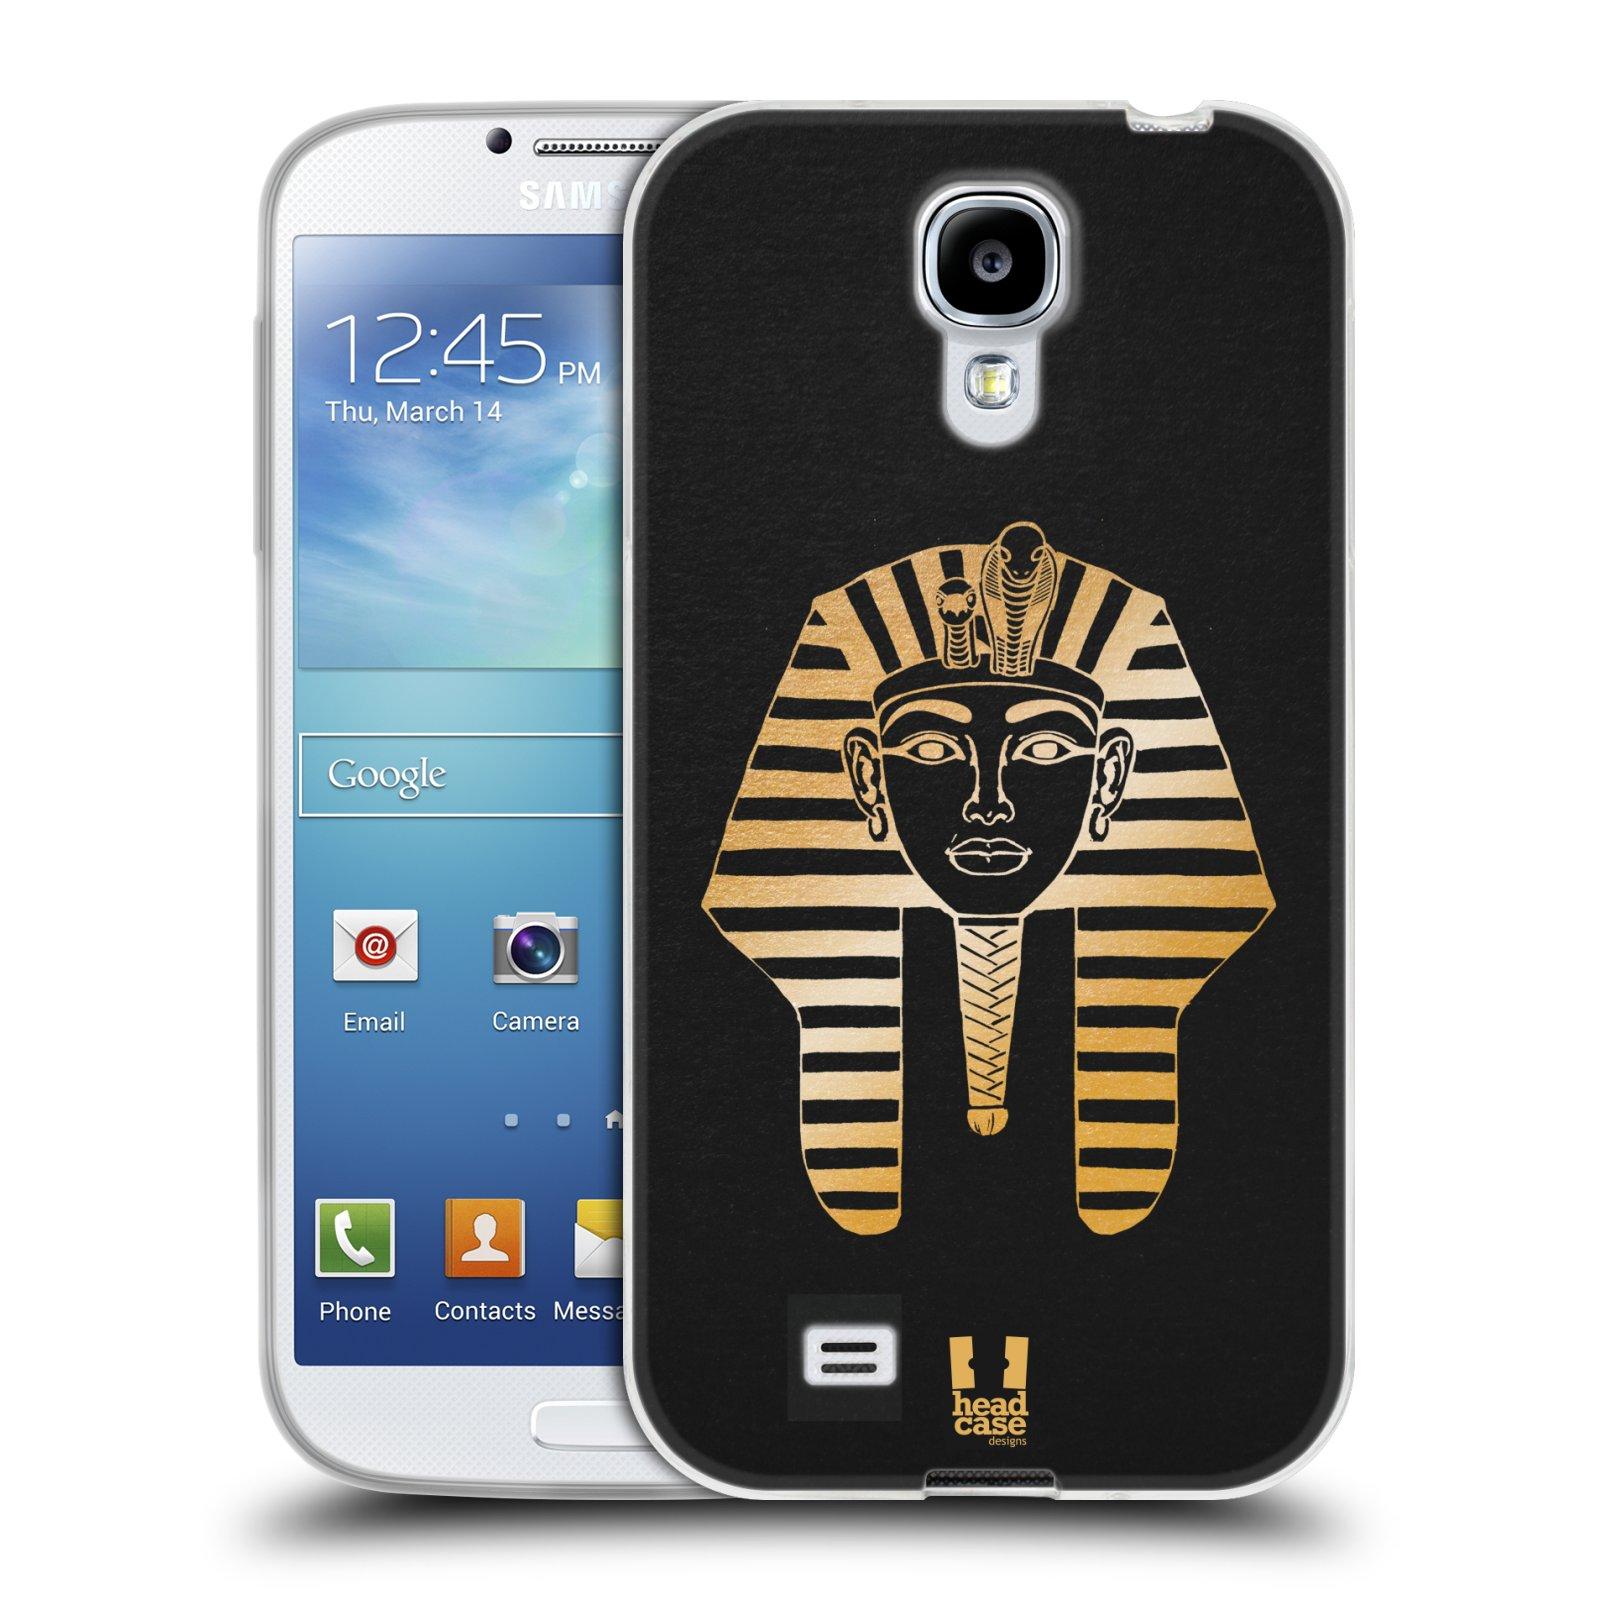 Silikonové pouzdro na mobil Samsung Galaxy S4 HEAD CASE EGYPT FARAON (Silikonový kryt či obal na mobilní telefon Samsung Galaxy S4 GT-i9505 / i9500)